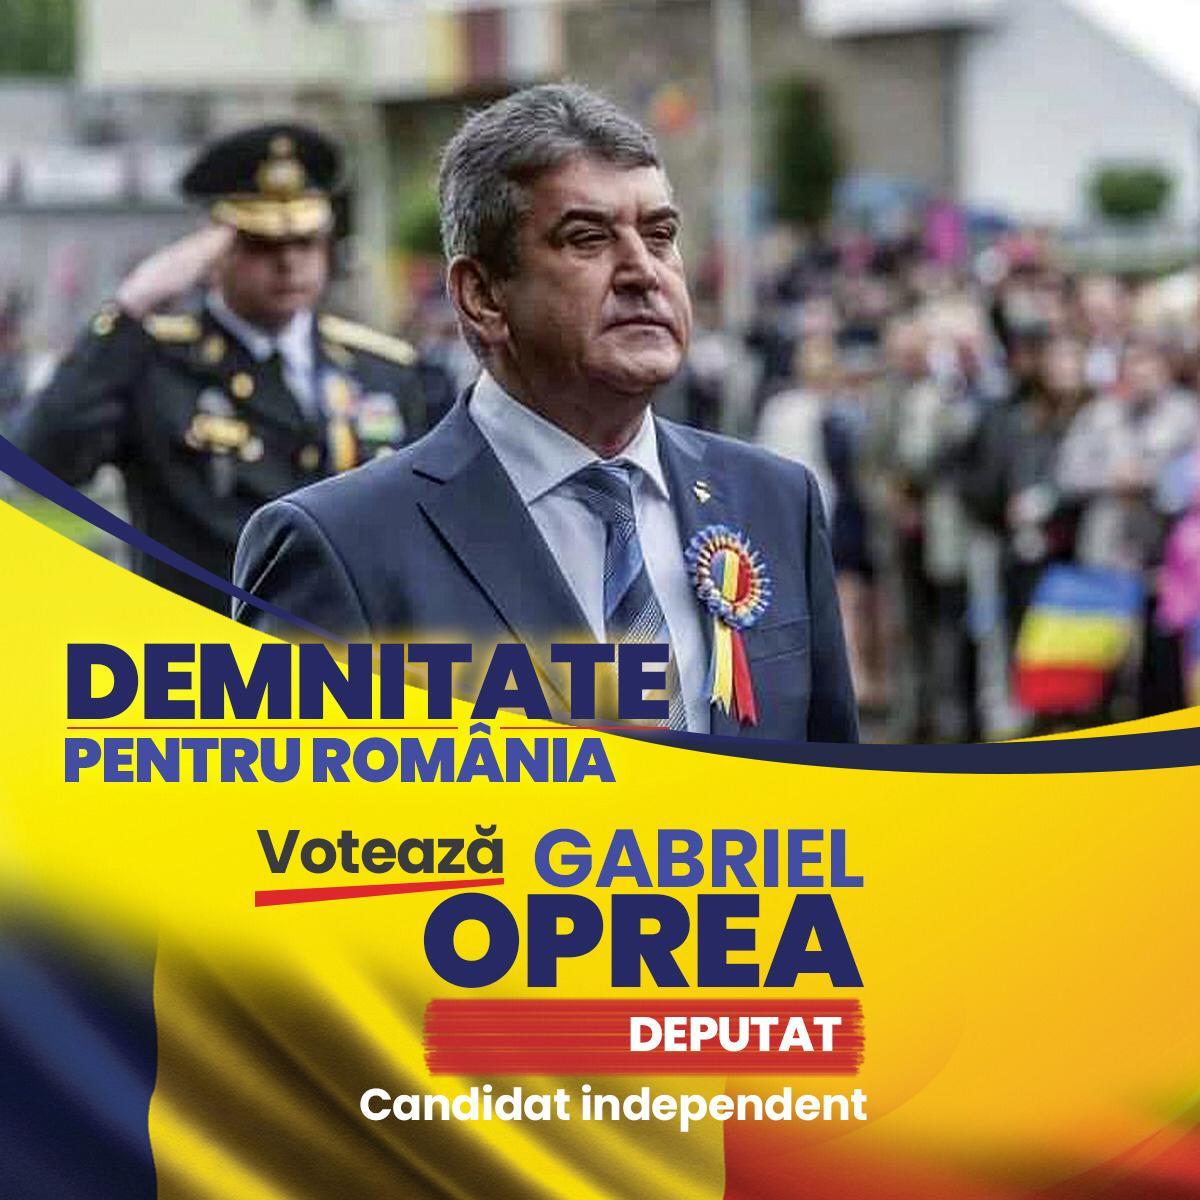 Votează Gabriel Oprea, Demnitate pentru România